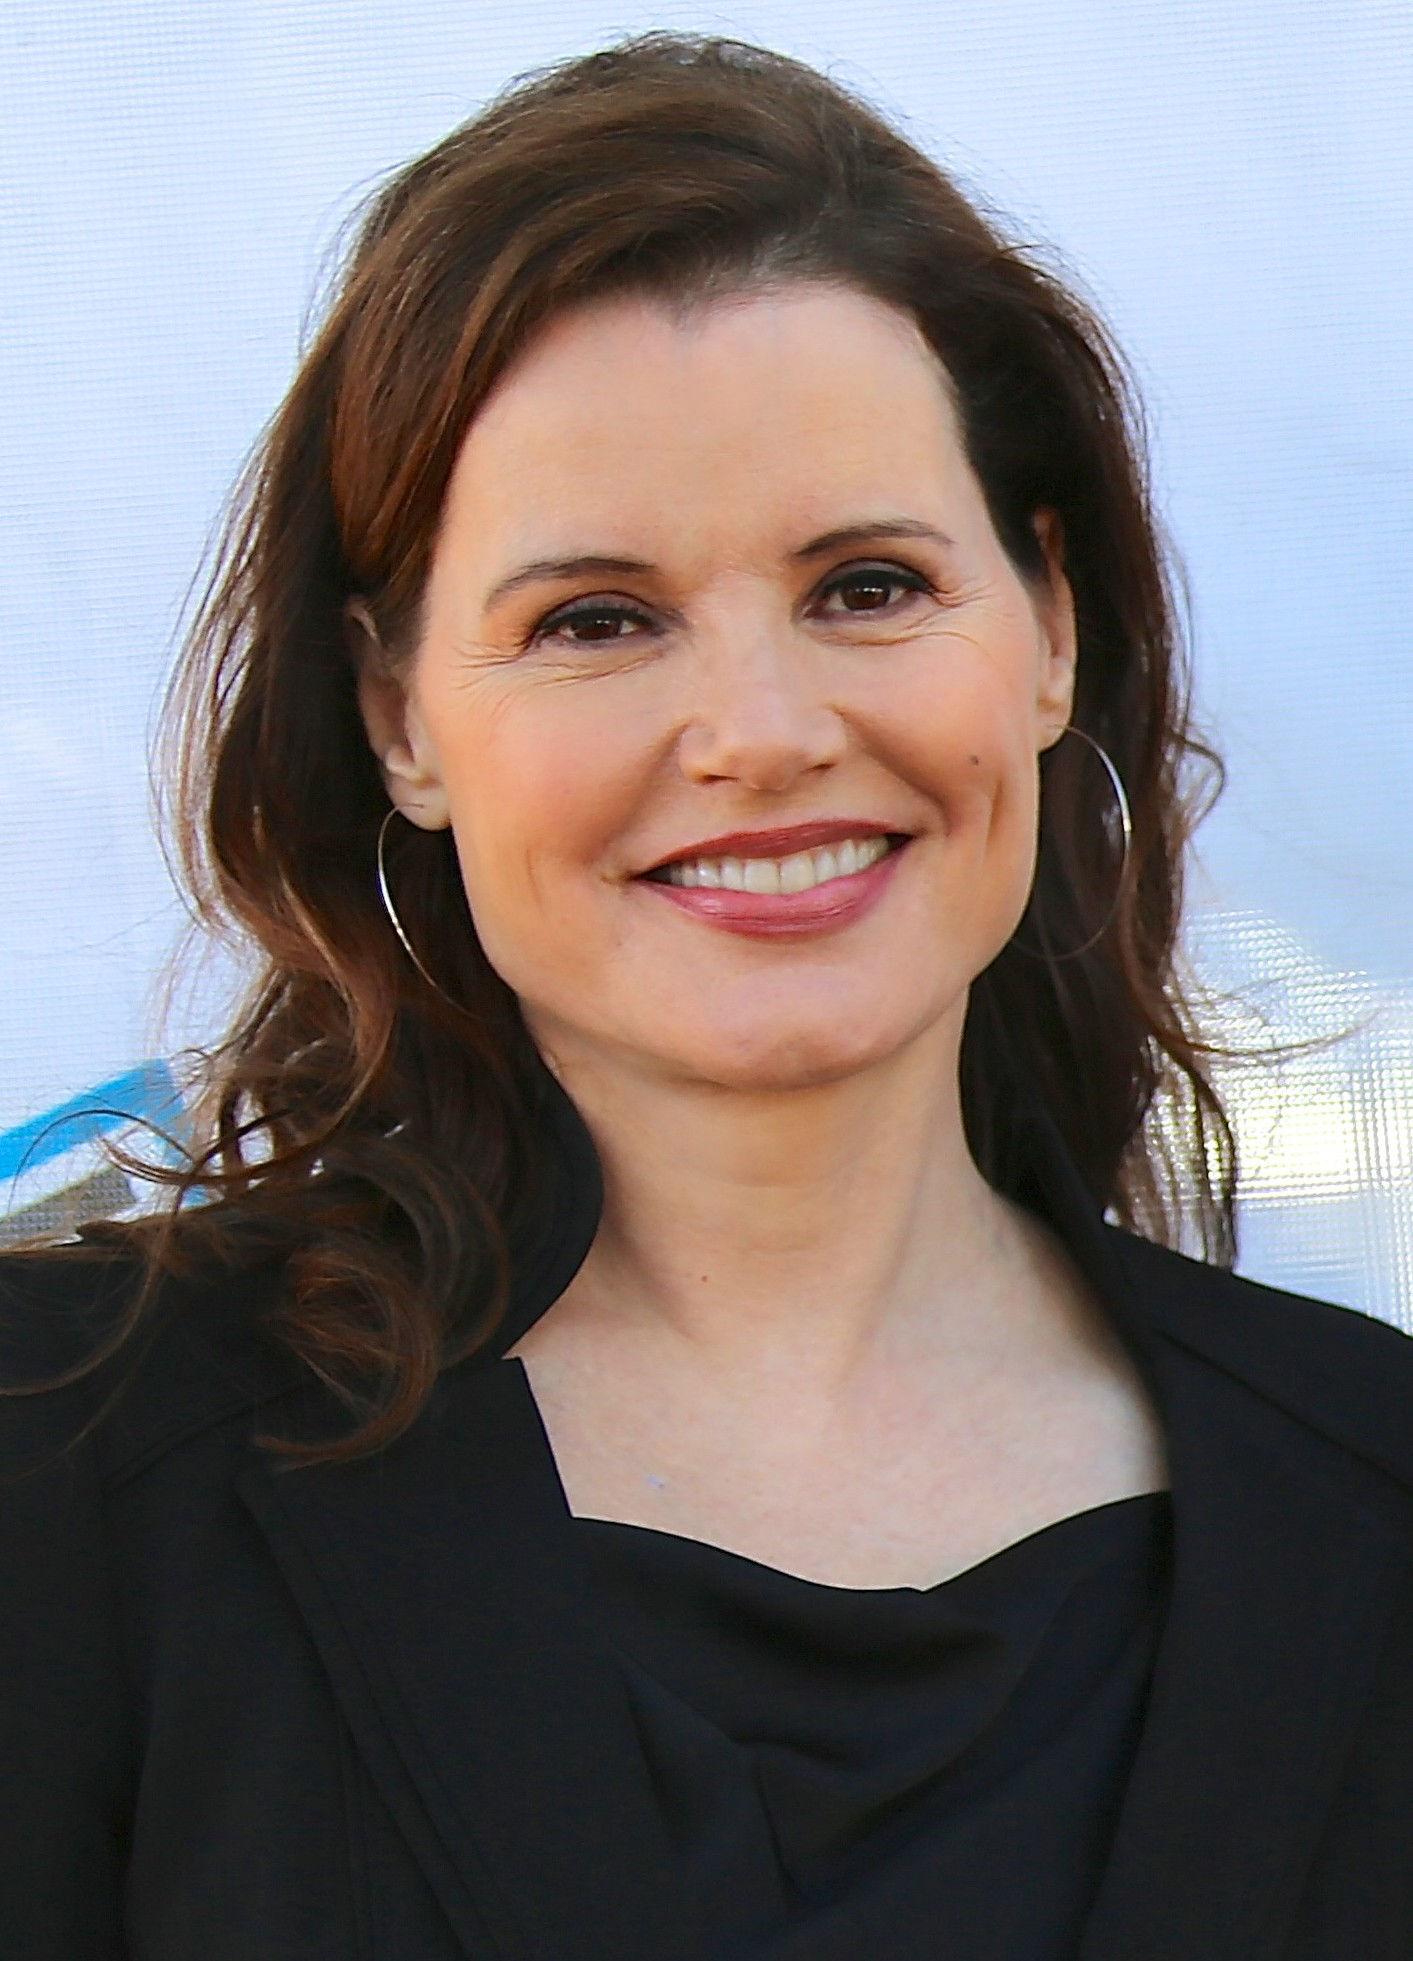 Photo of Geena Davis: Actress